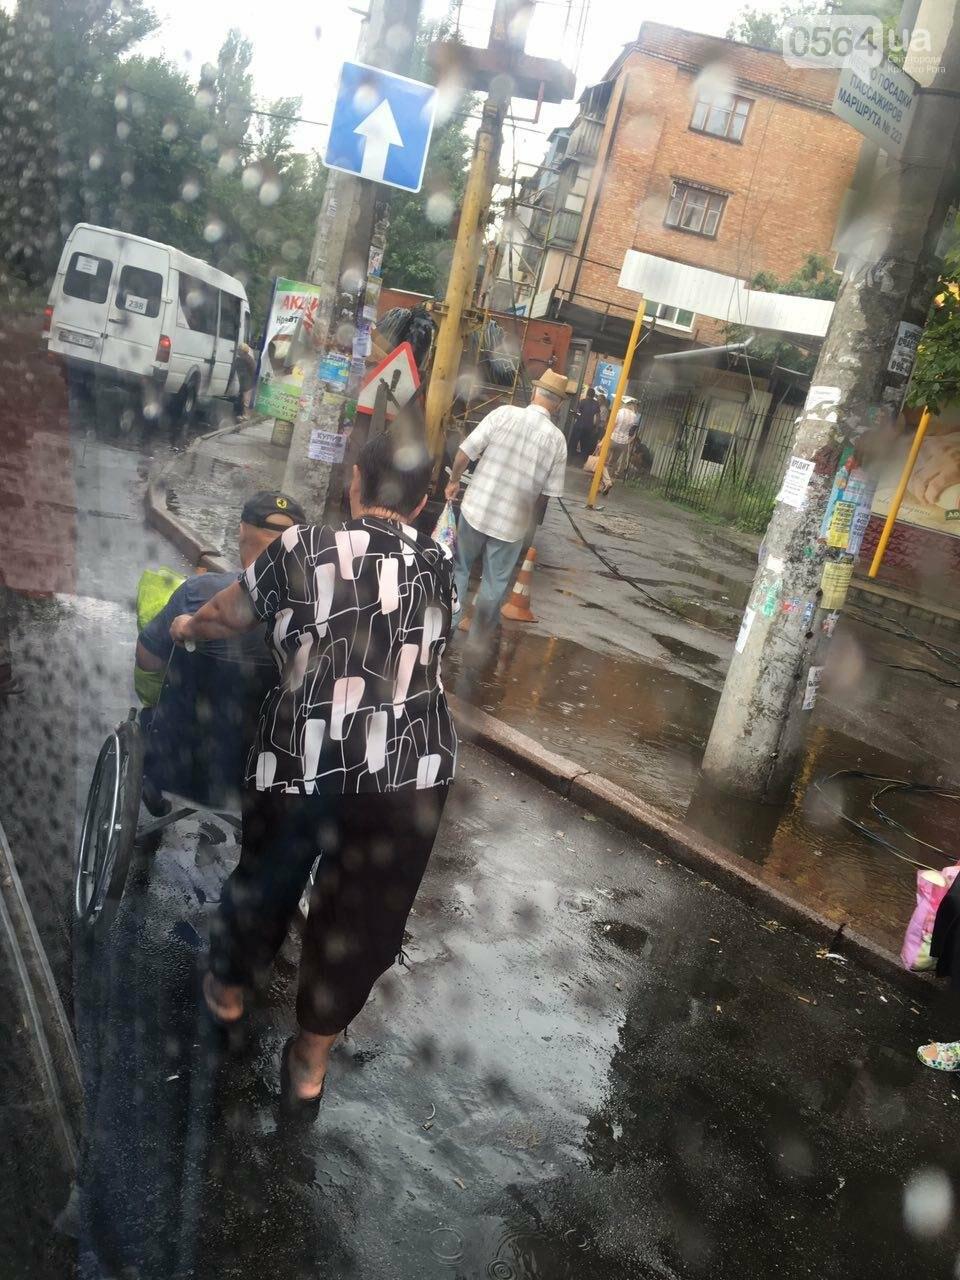 Маршрут дождя: В Кривом Роге в одних районах льет ливень, в других ярко светит солнце, - ФОТО, фото-15